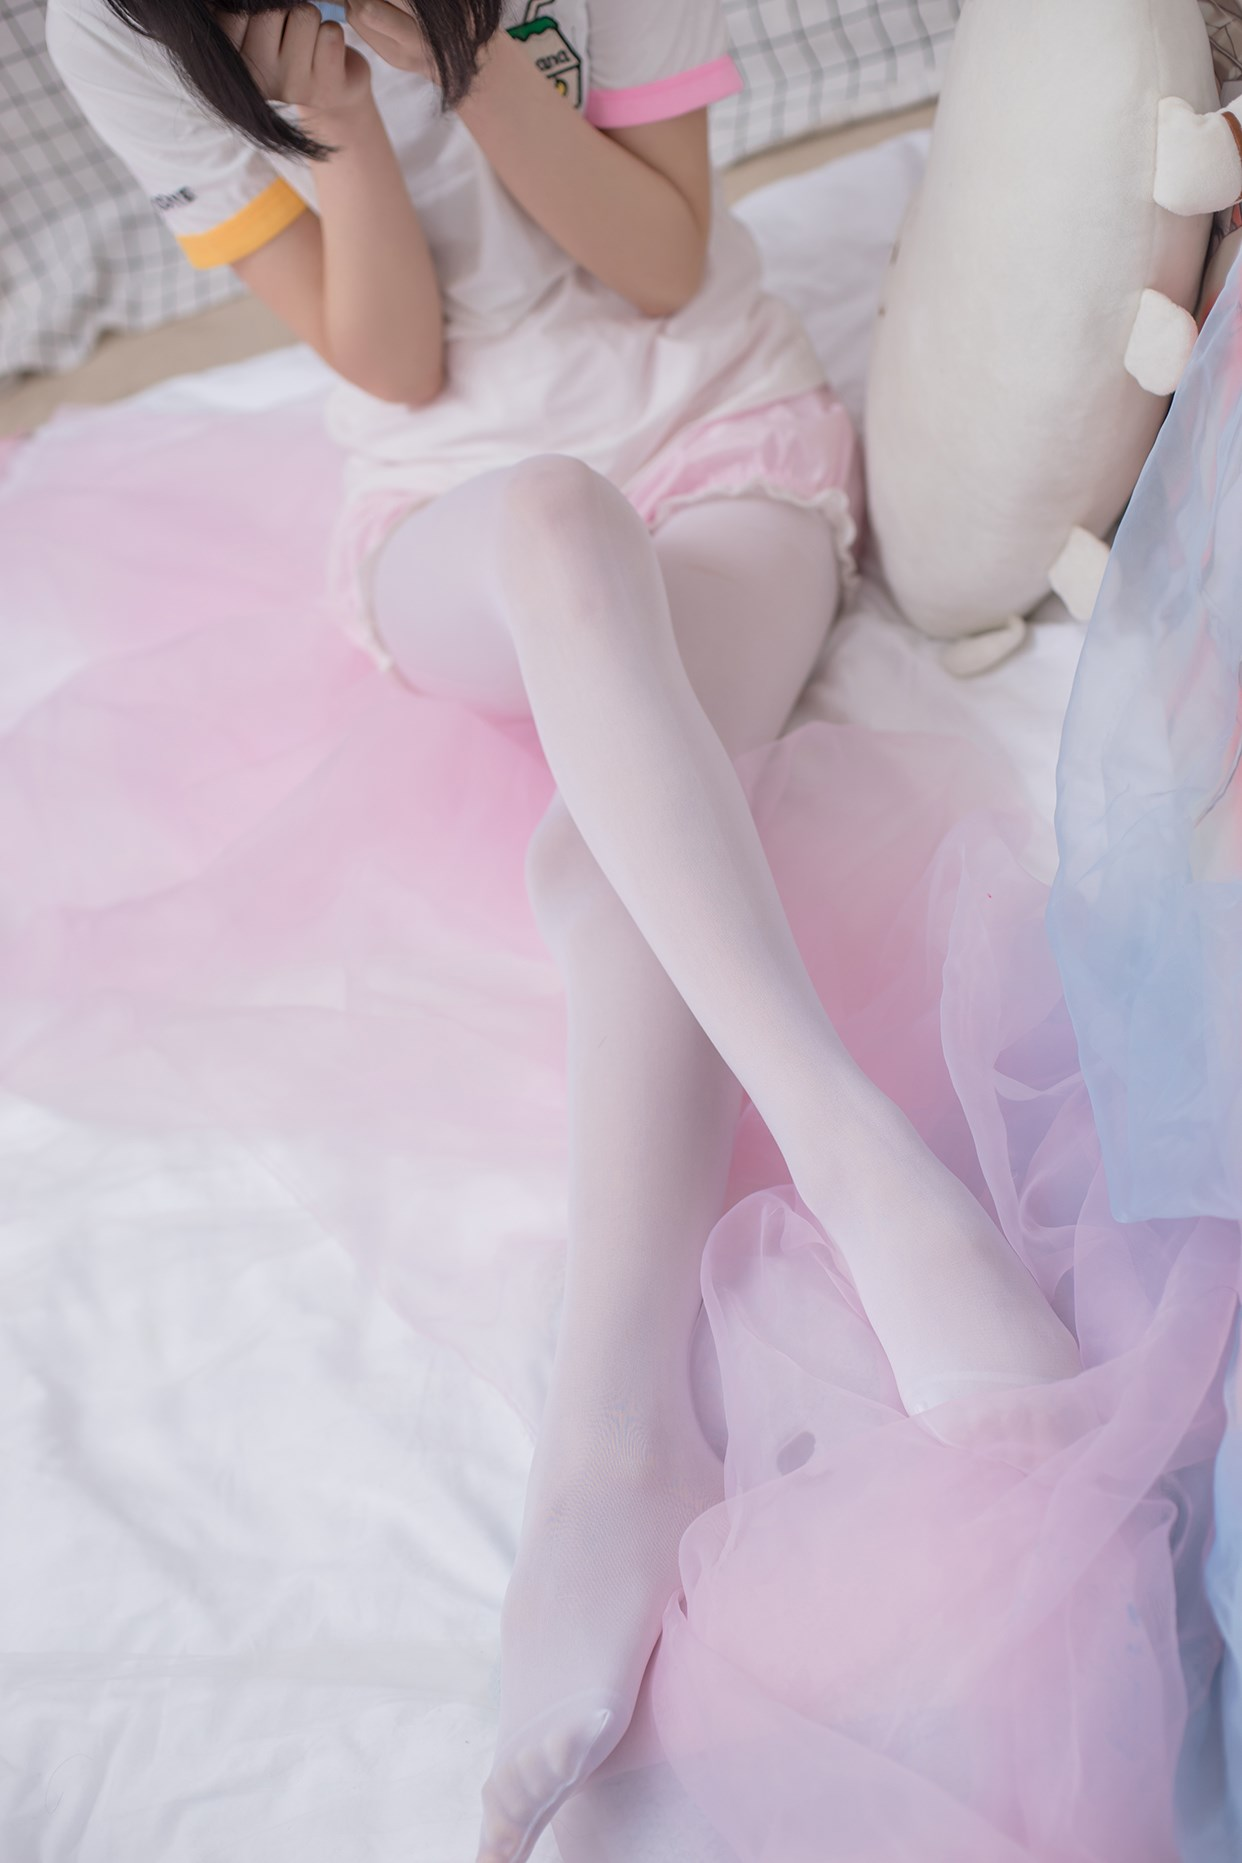 【兔玩映画】少女的卧室 兔玩映画 第43张